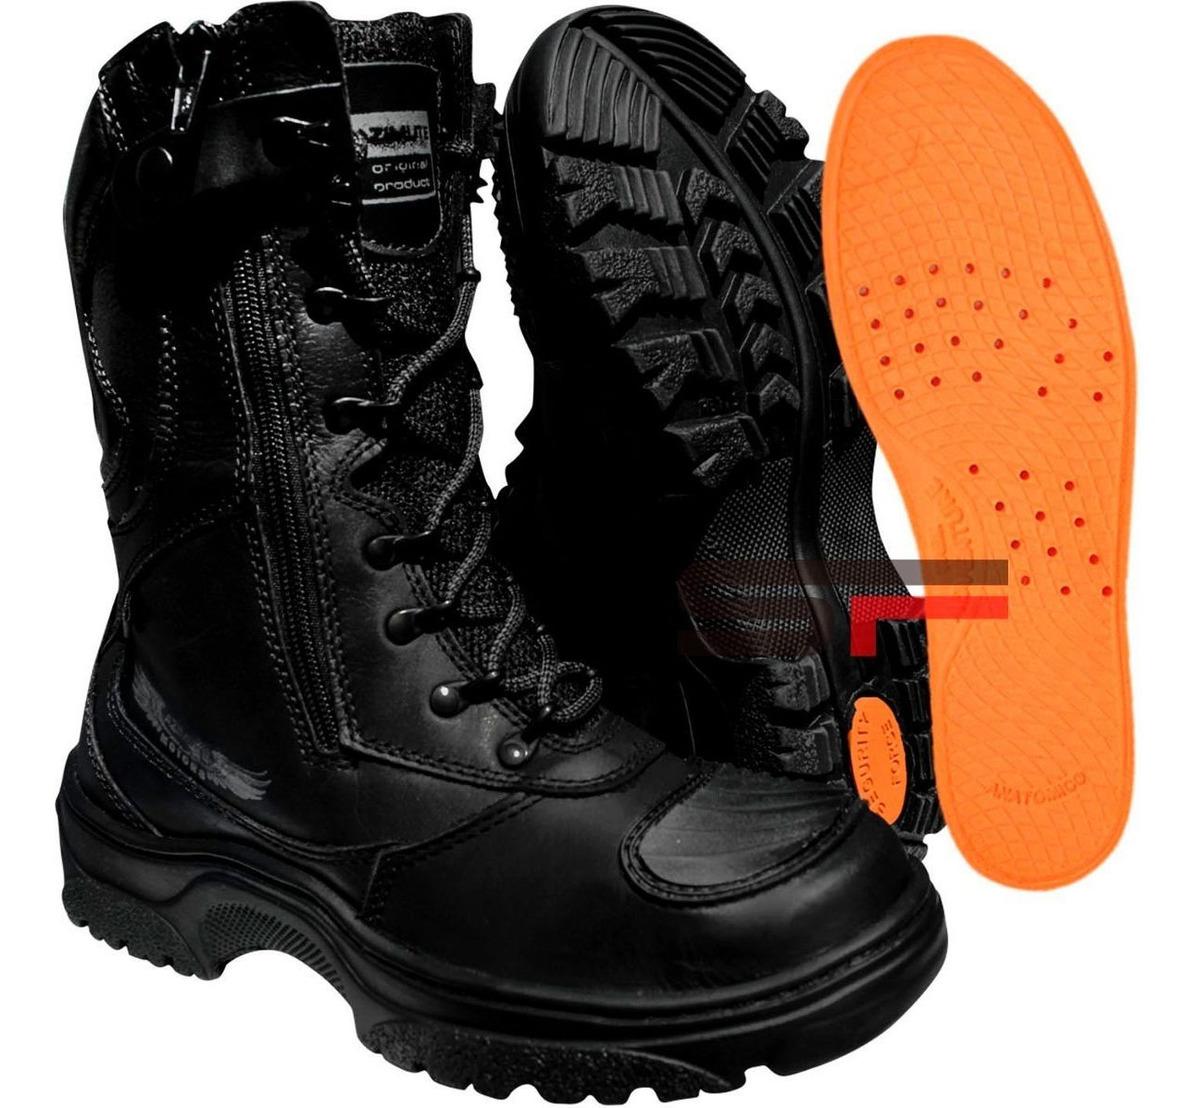 62e822a0fc bota coturno zíper lateral militar moto segurança pm tático. Carregando zoom .